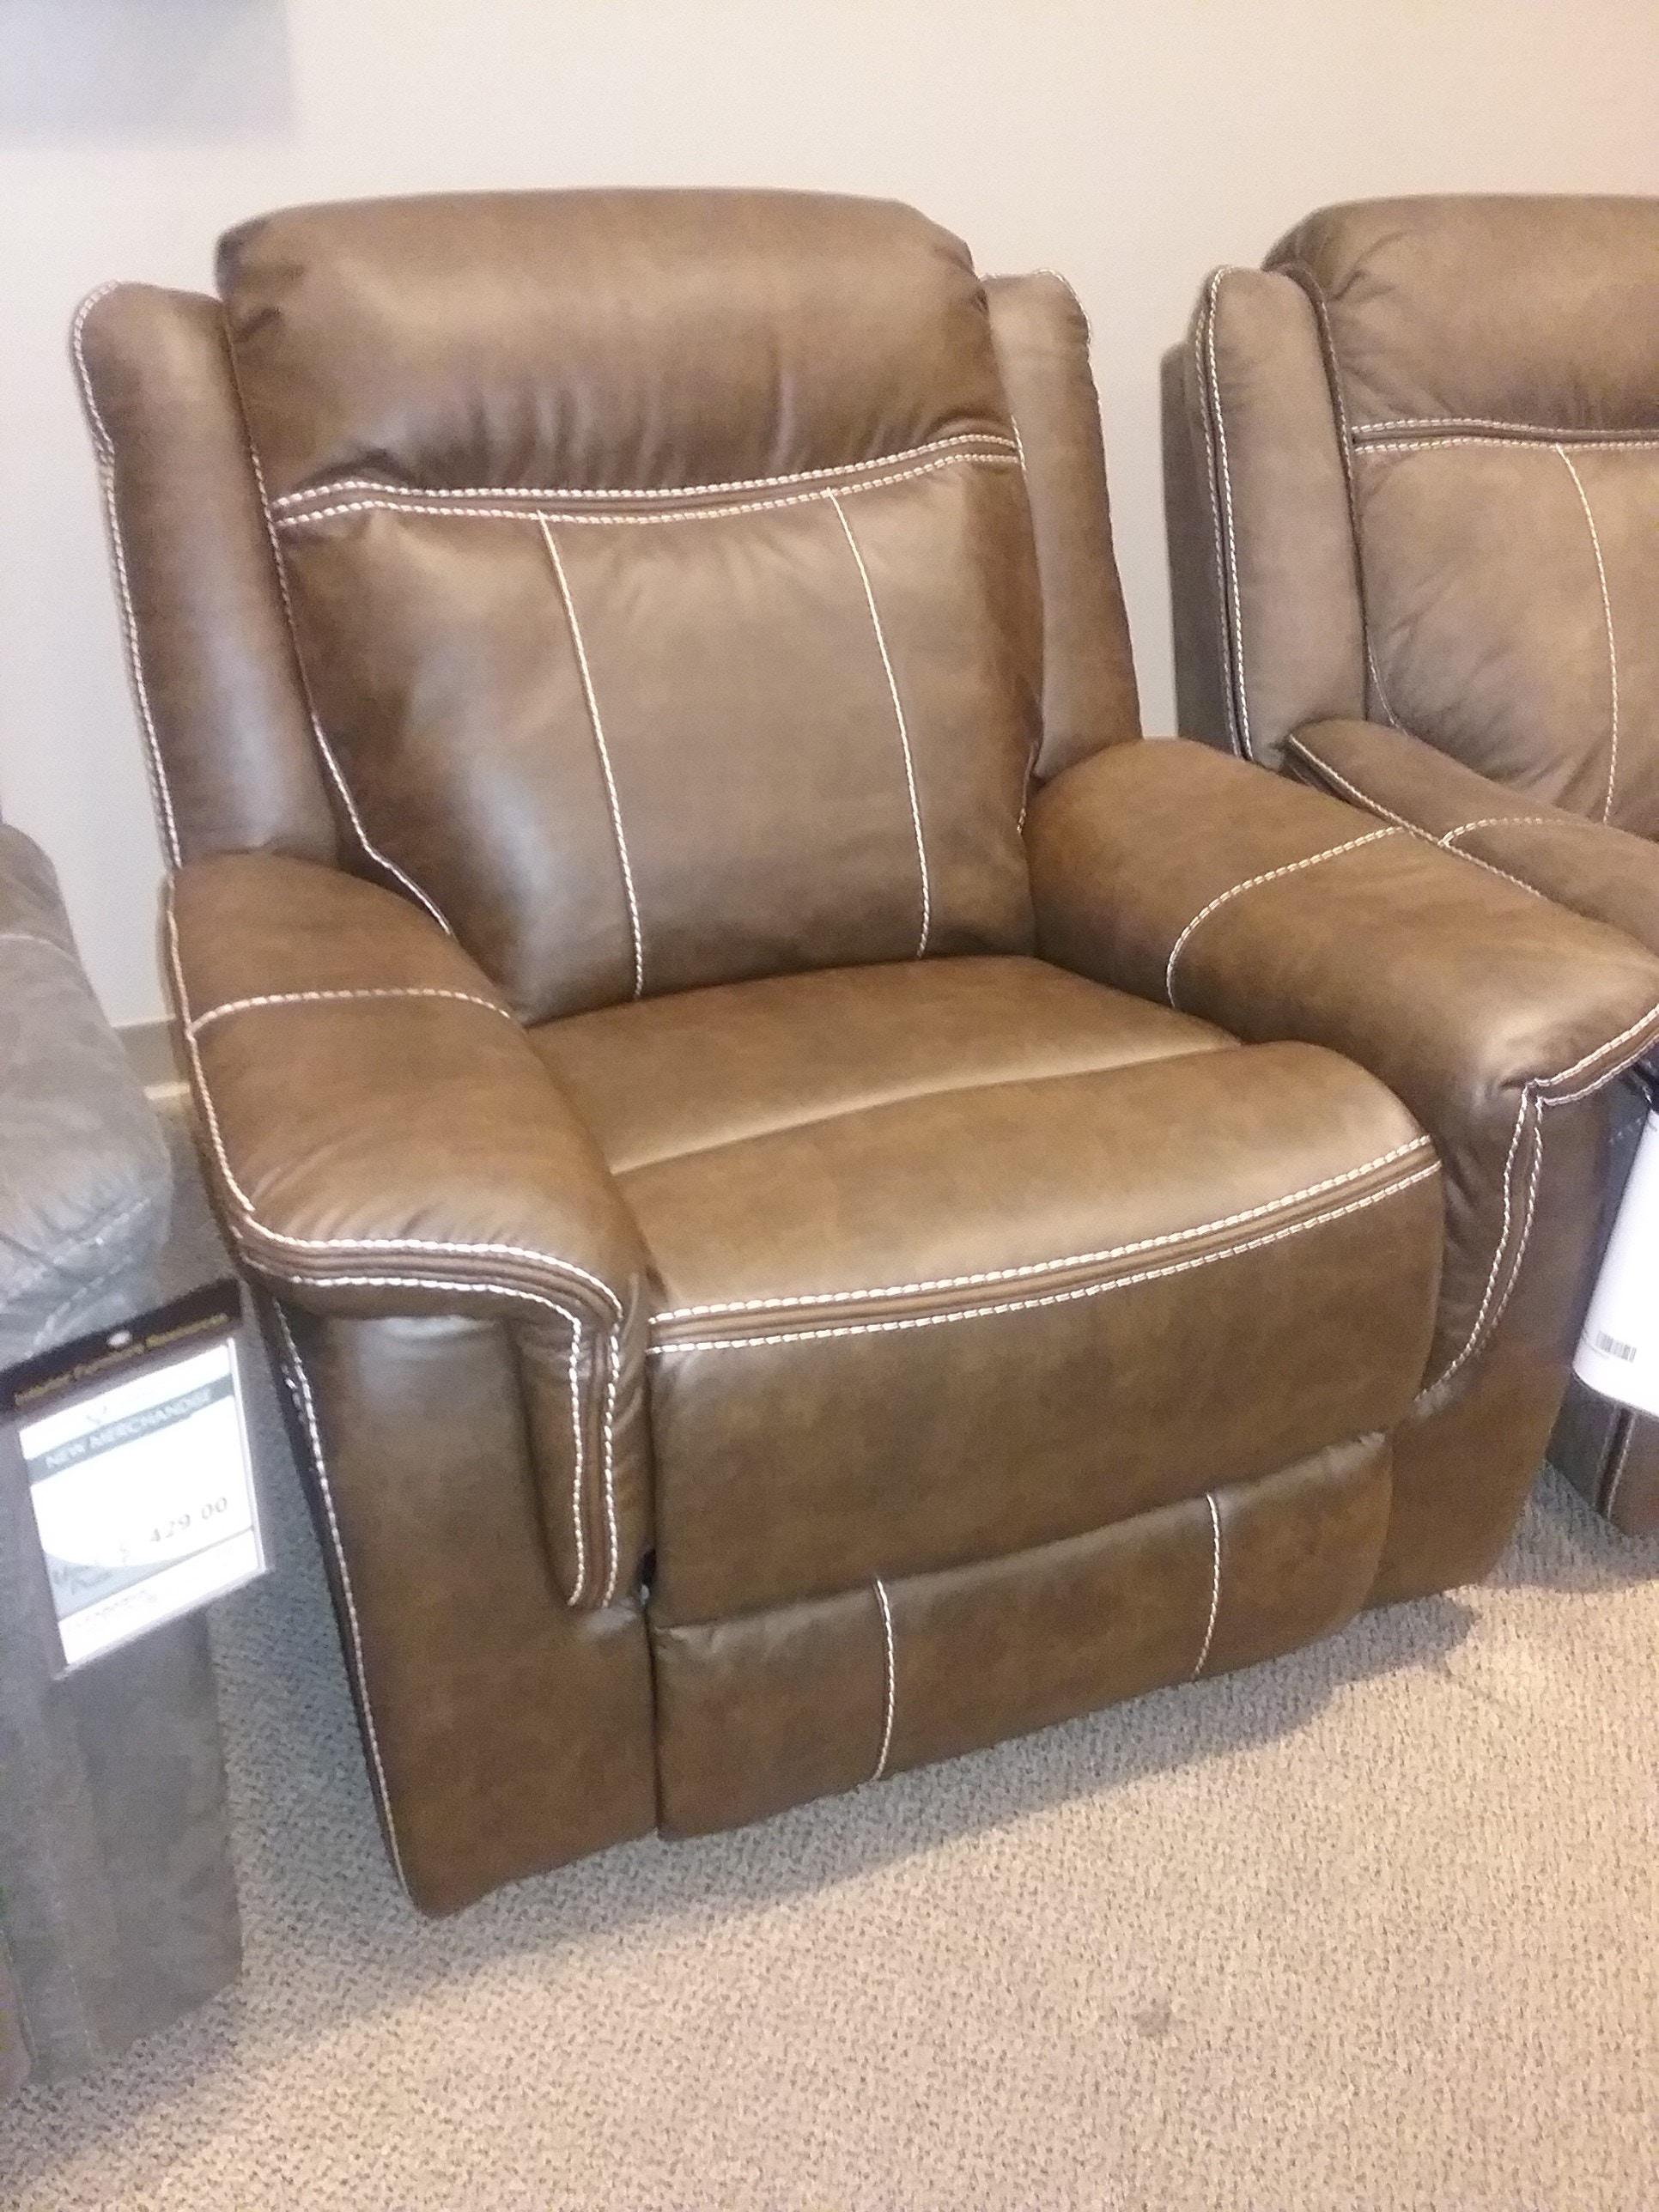 Interior Furniture Resources